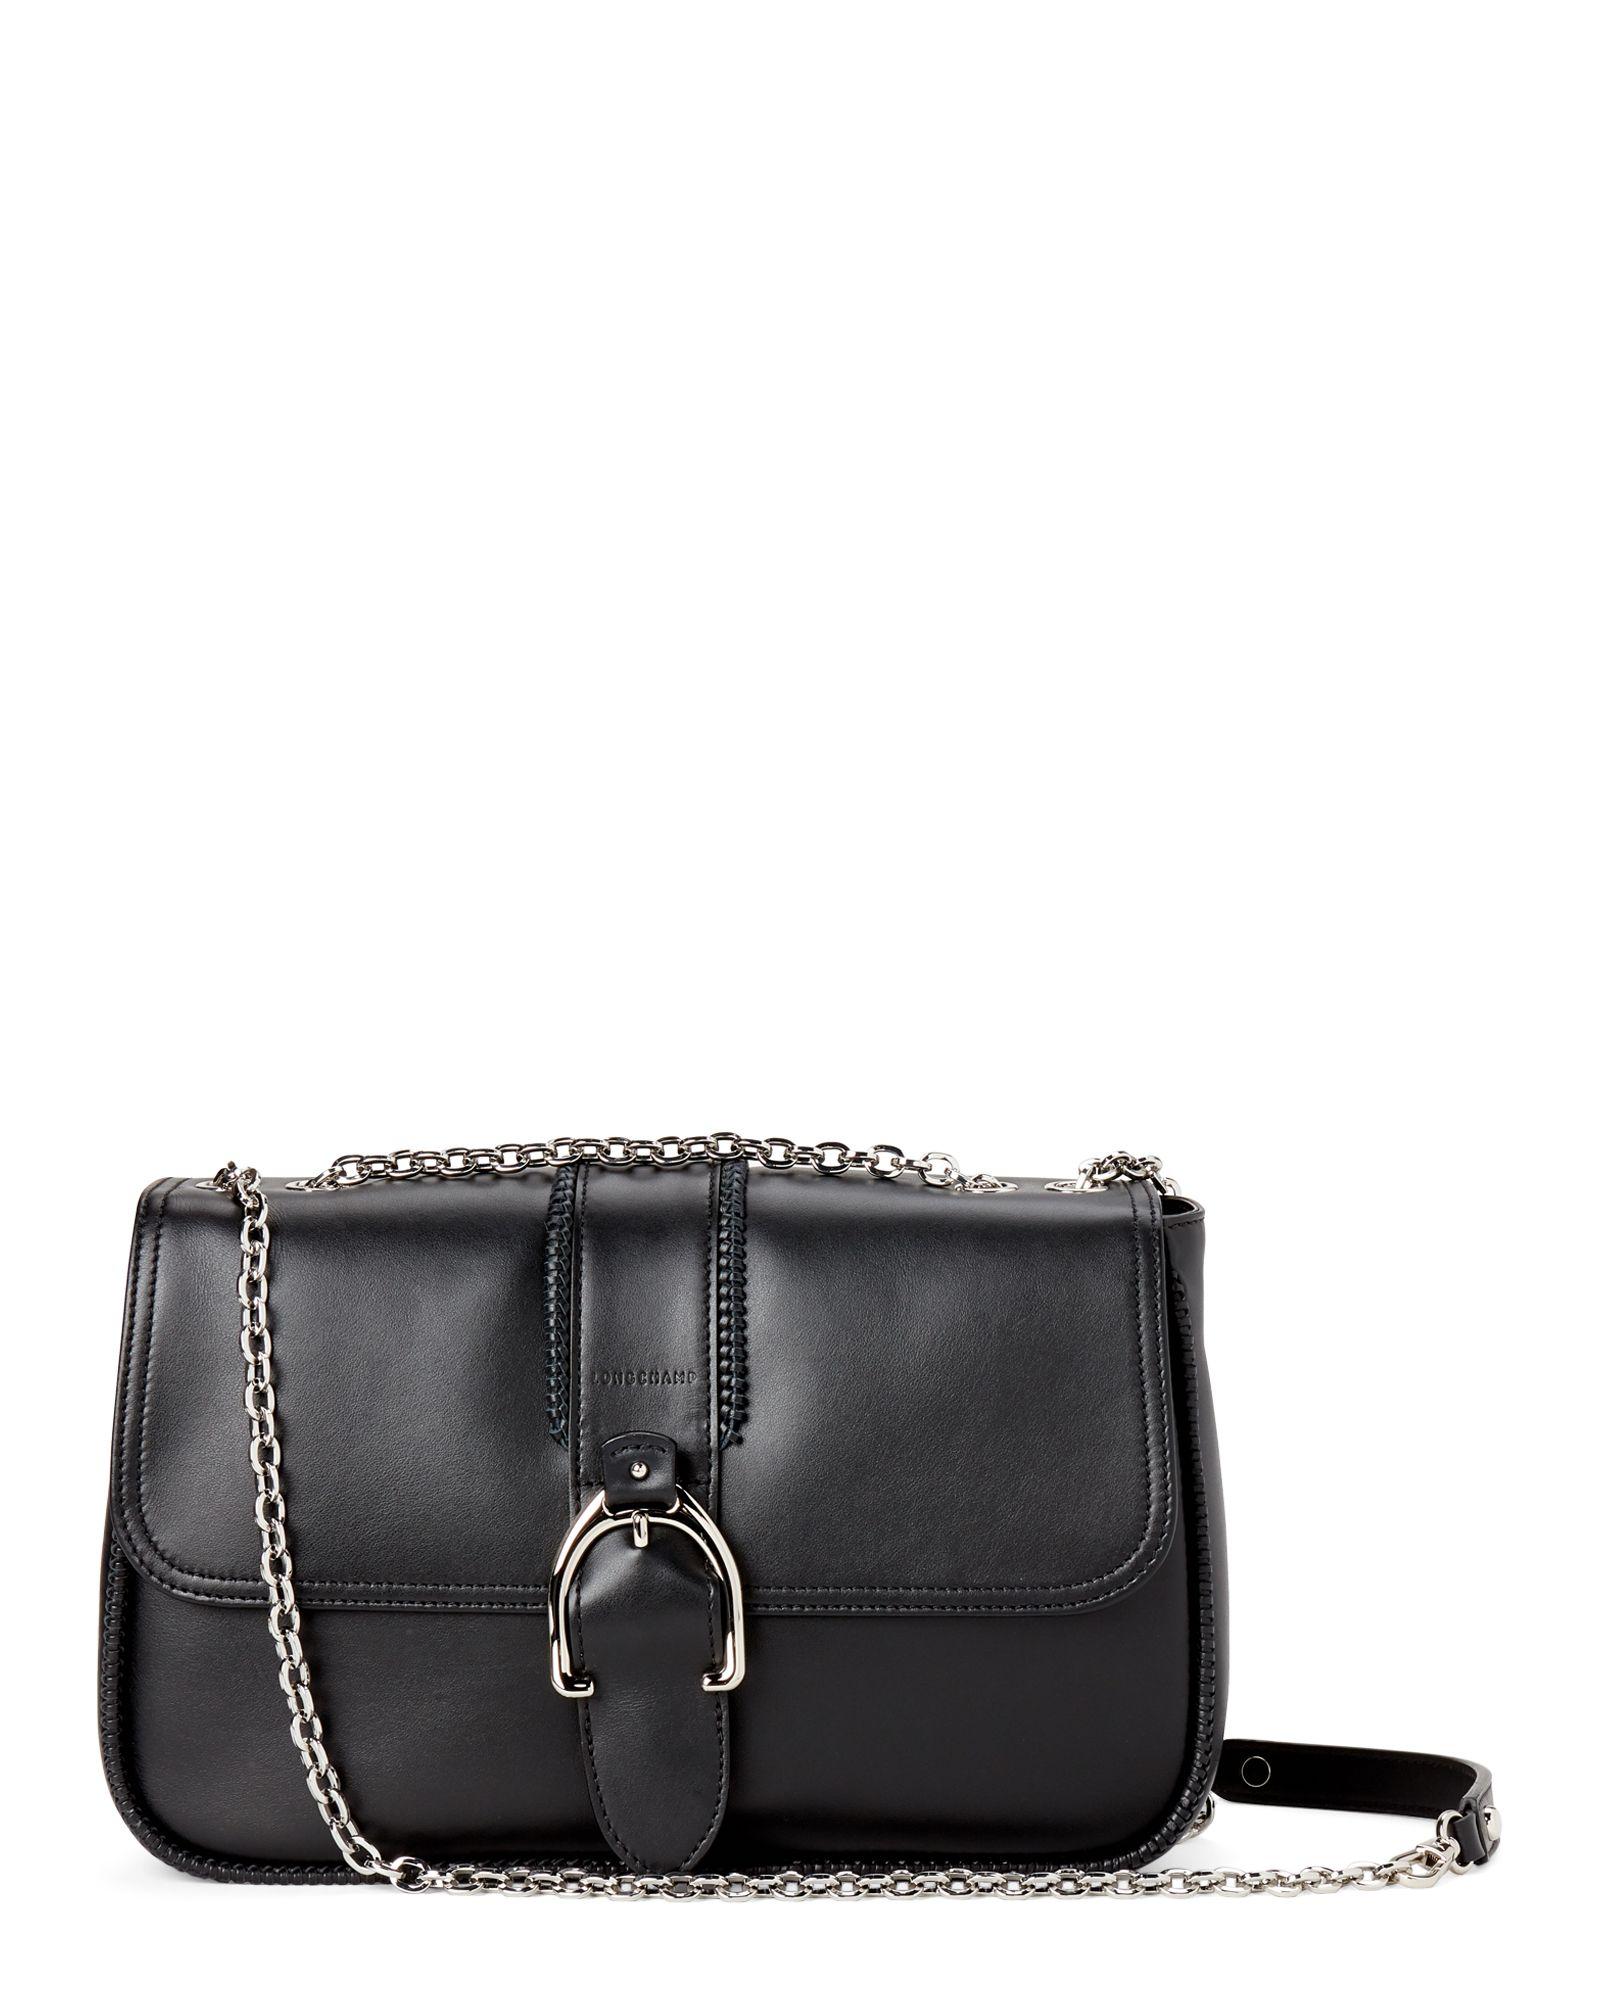 Longchamp Black Amazone Shoulder Bag | Bags, Shoulder bag, Hobo bag